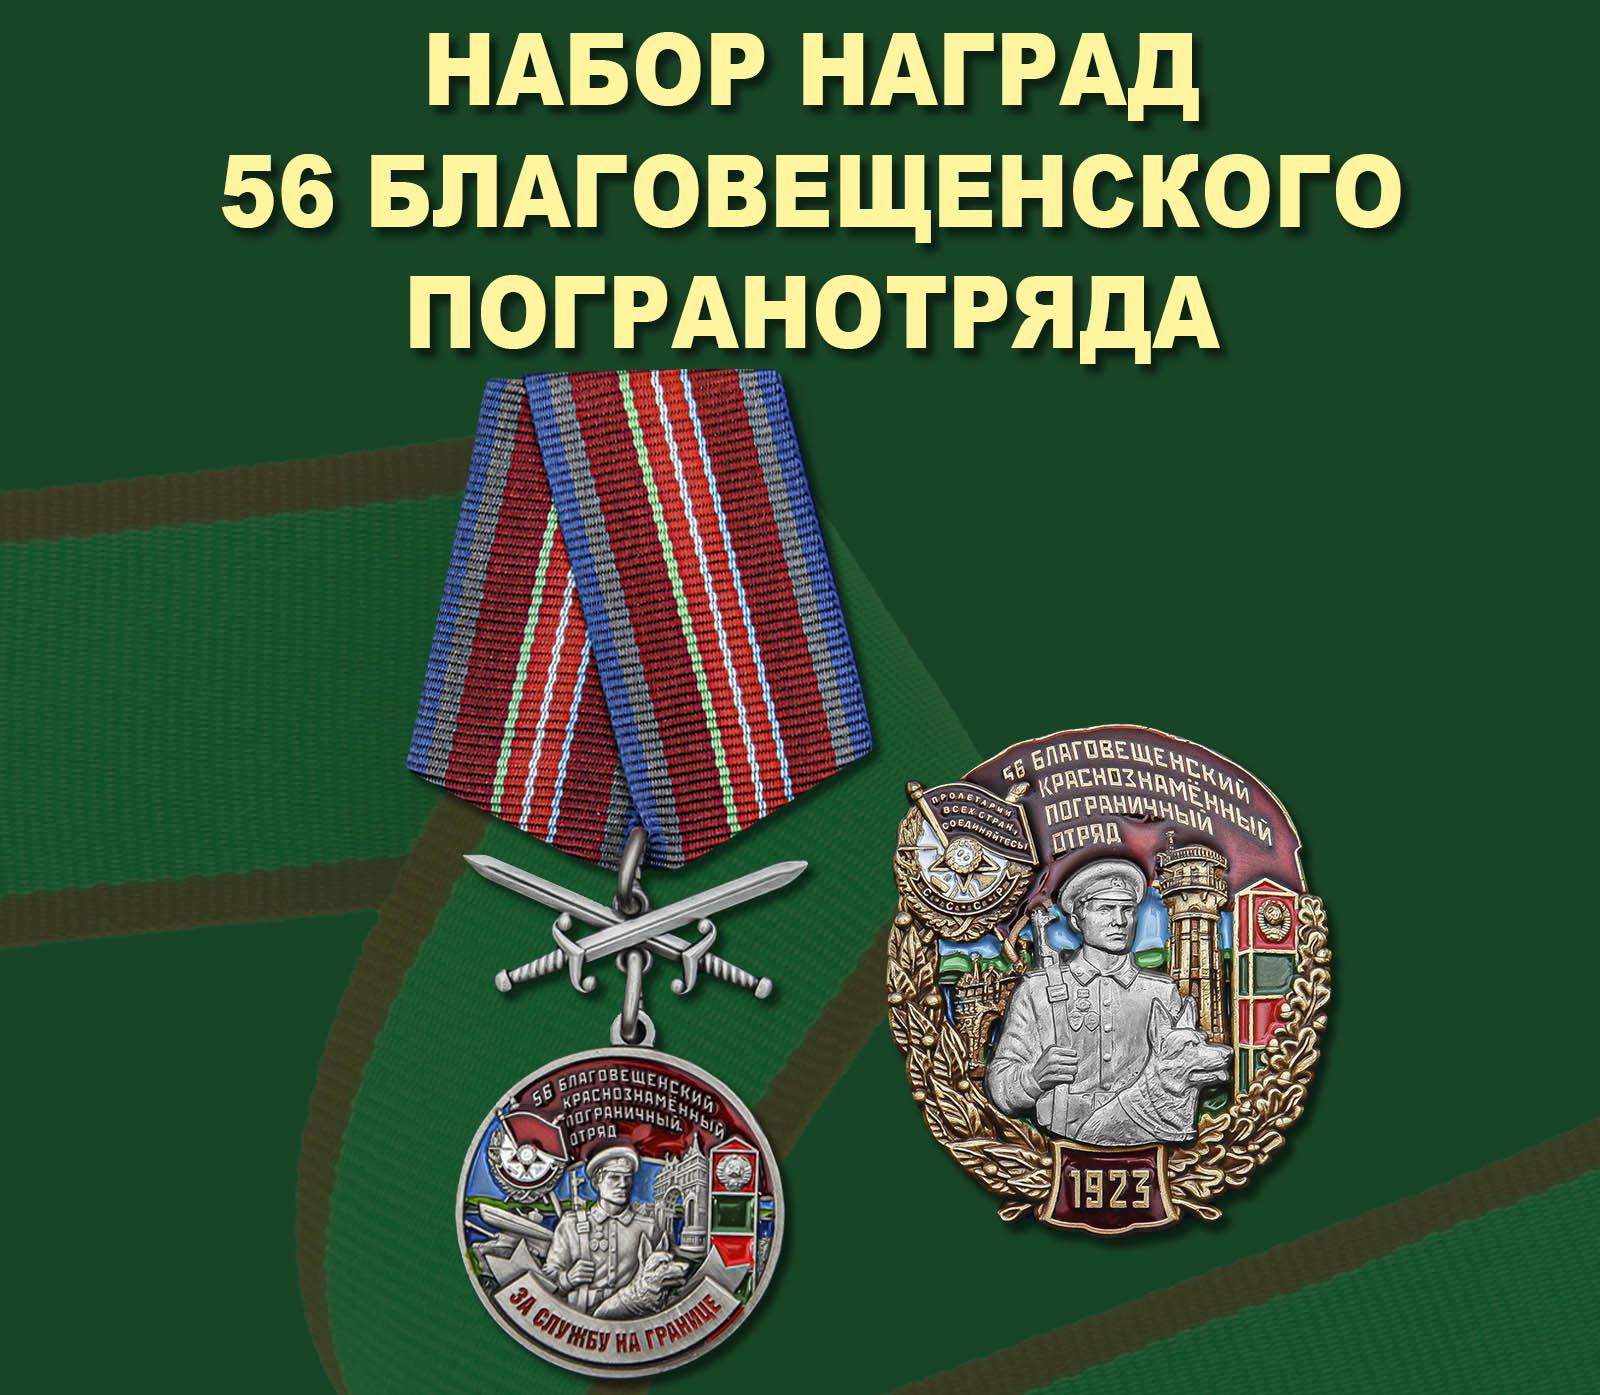 Набор наград 56 Благовещенского погранотряда